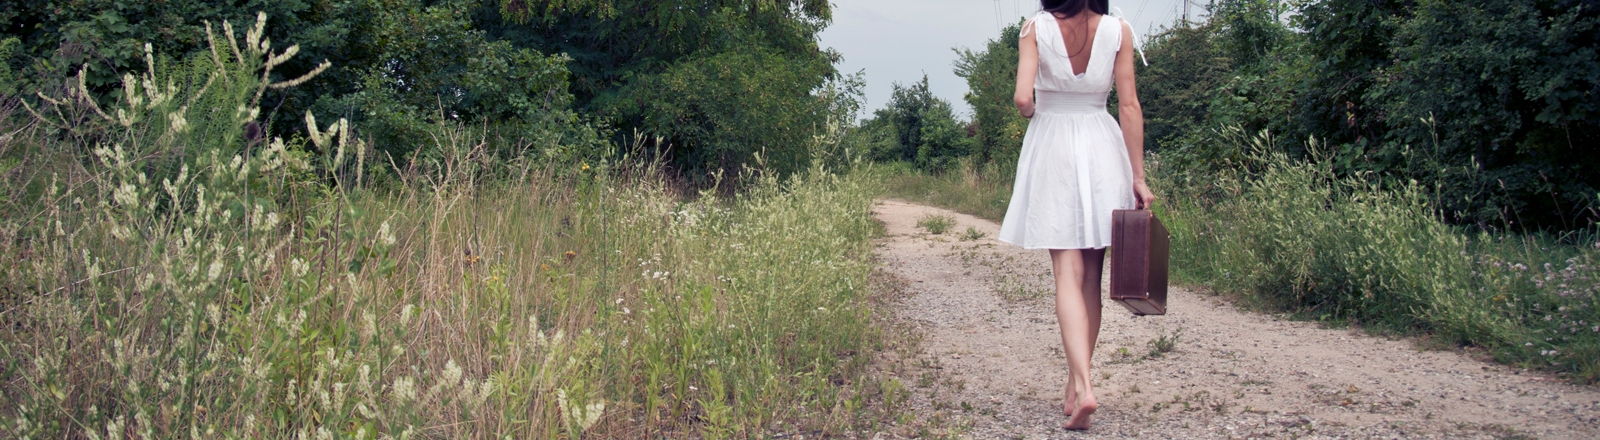 Frau im weißen Sommerkleid irgendwo auf einem Weg.